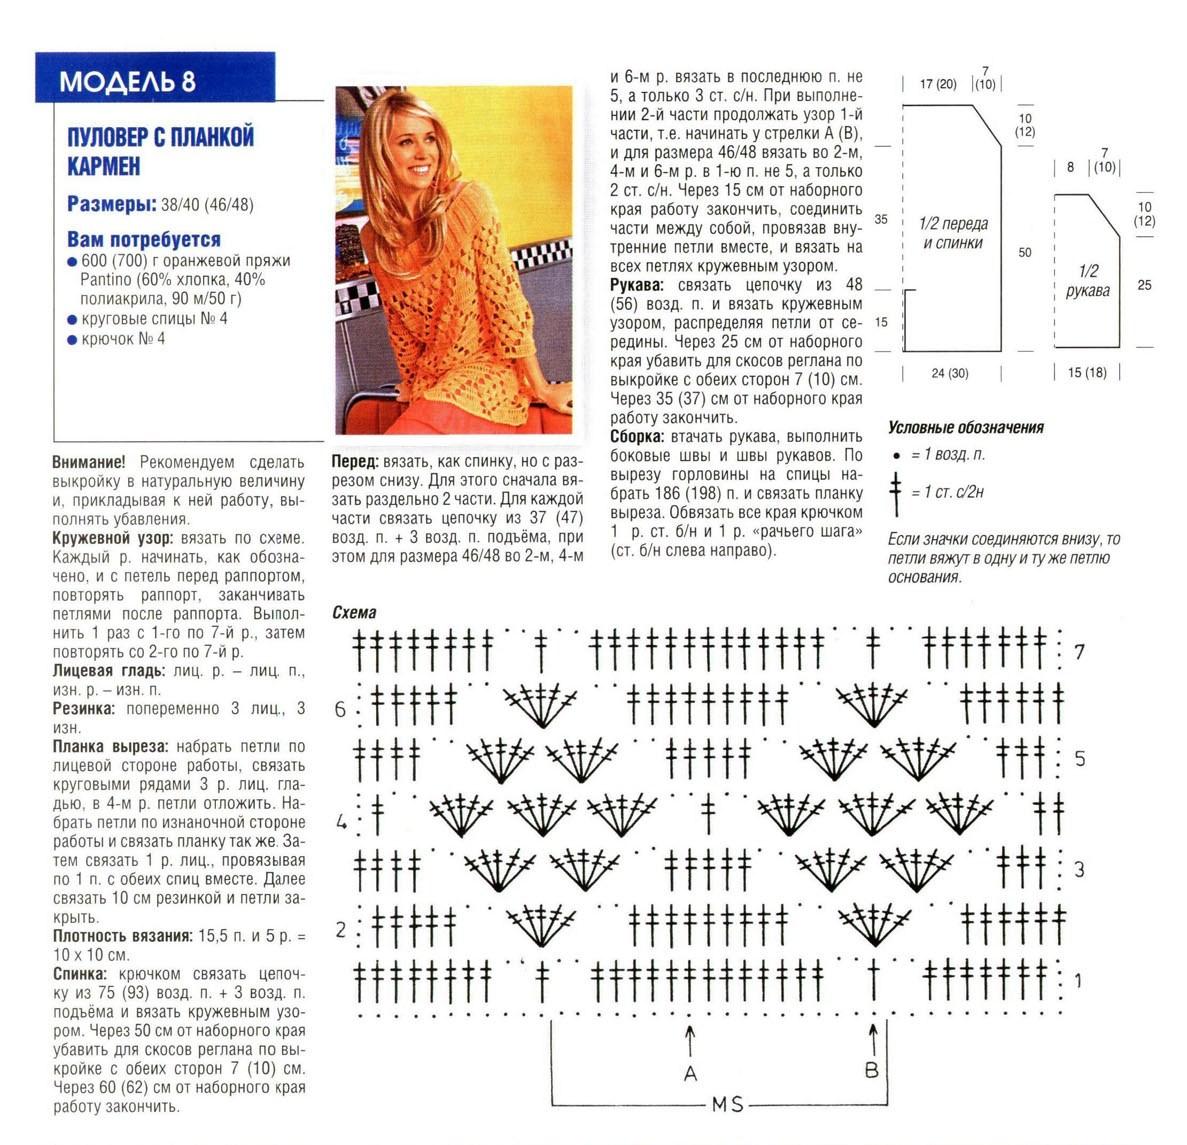 pulover zhenskij kryuchkom 1 - Вязаный пуловер женский крючком схемы и описание